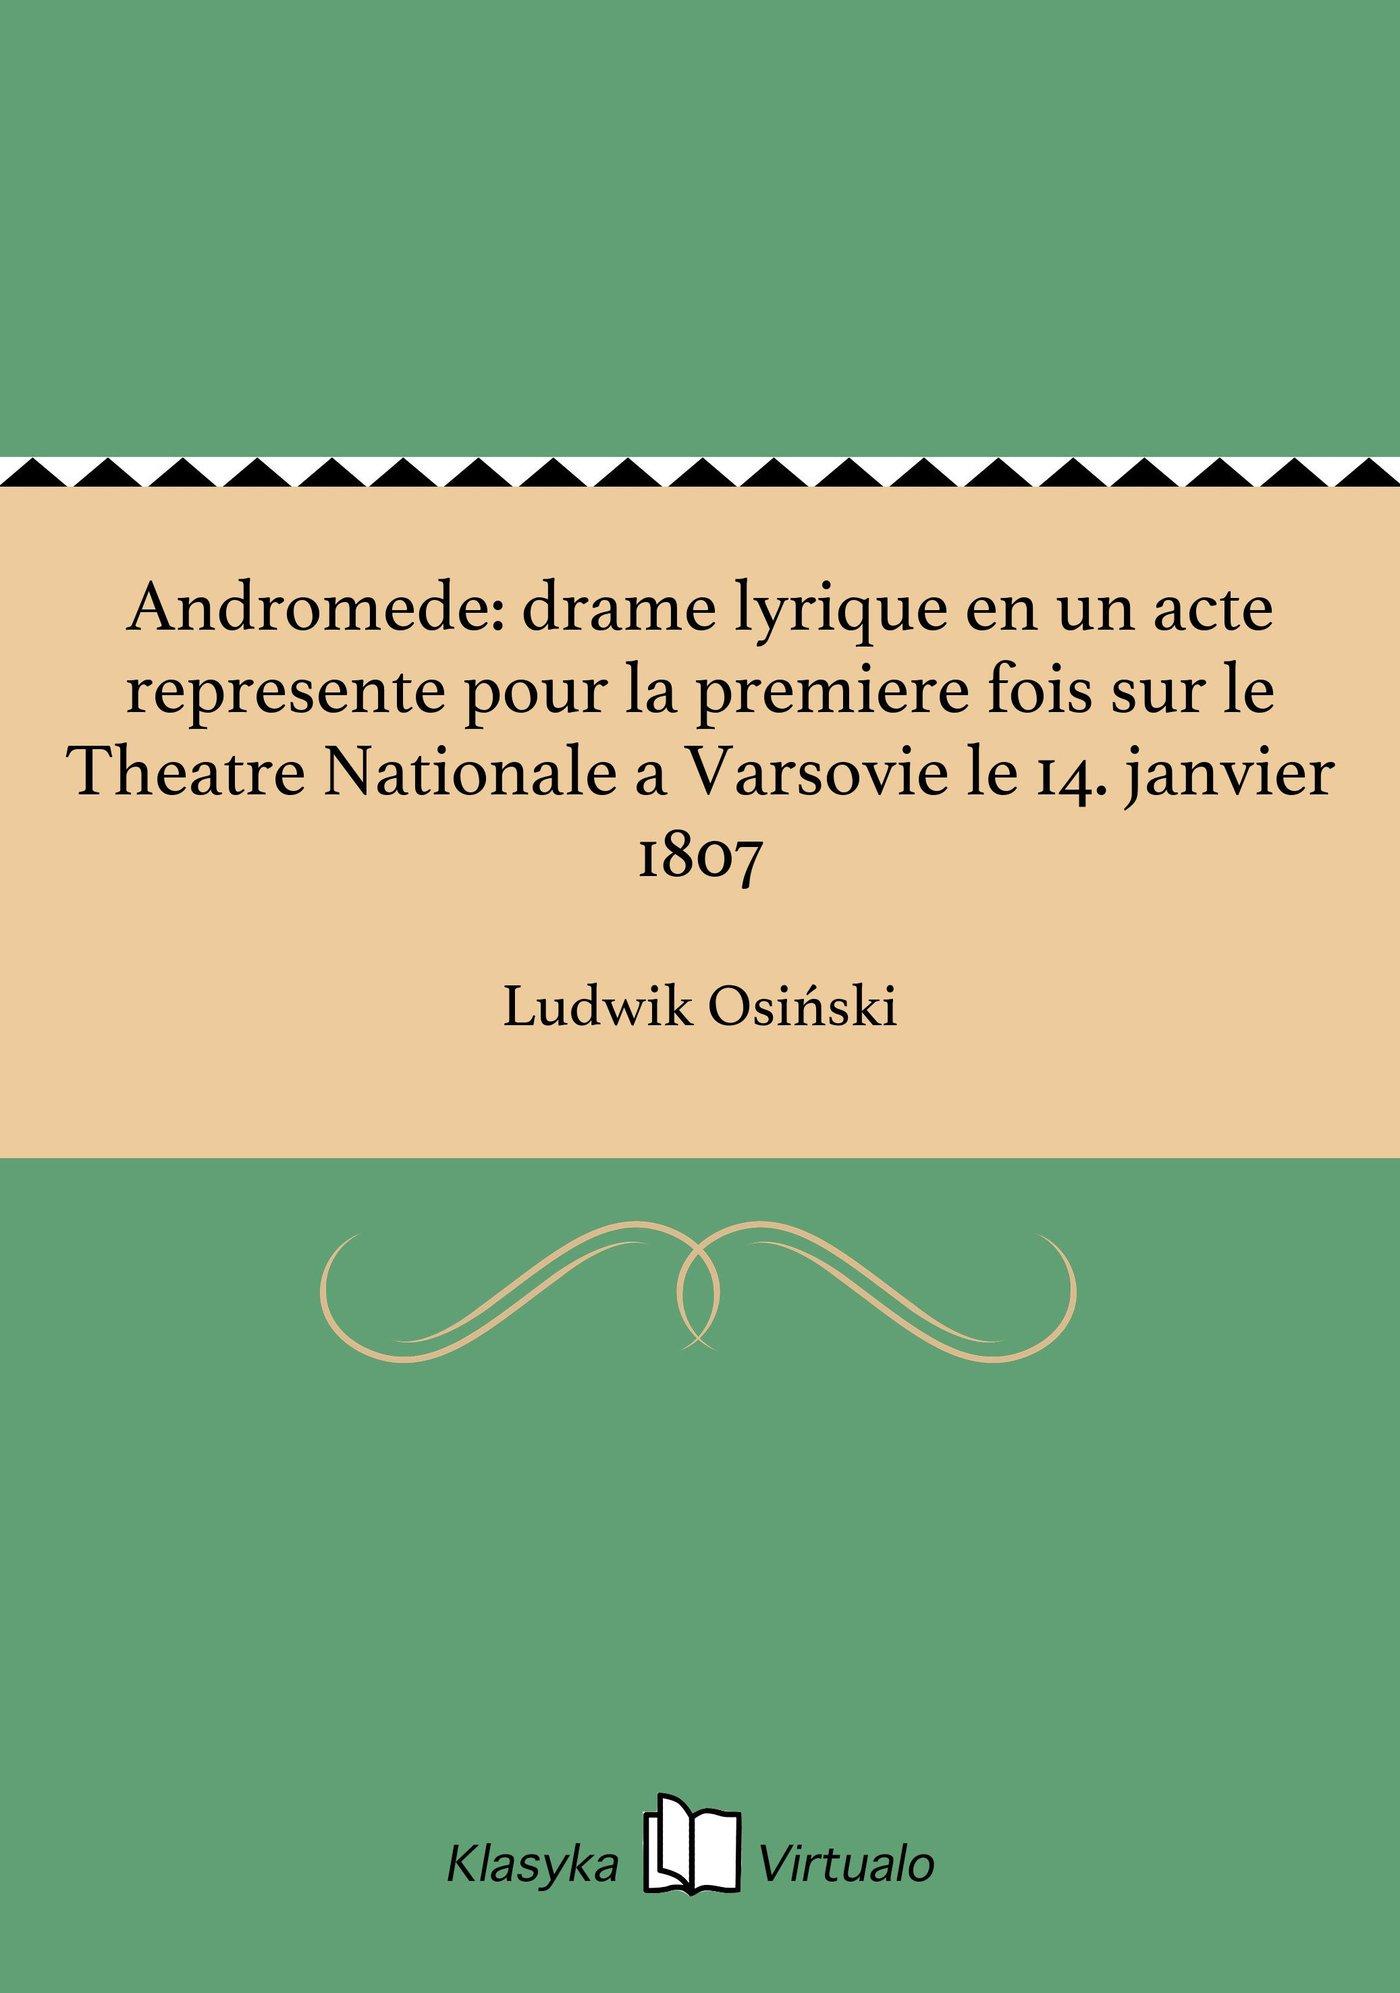 Andromede: drame lyrique en un acte represente pour la premiere fois sur le Theatre Nationale a Varsovie le 14. janvier 1807 - Ebook (Książka EPUB) do pobrania w formacie EPUB